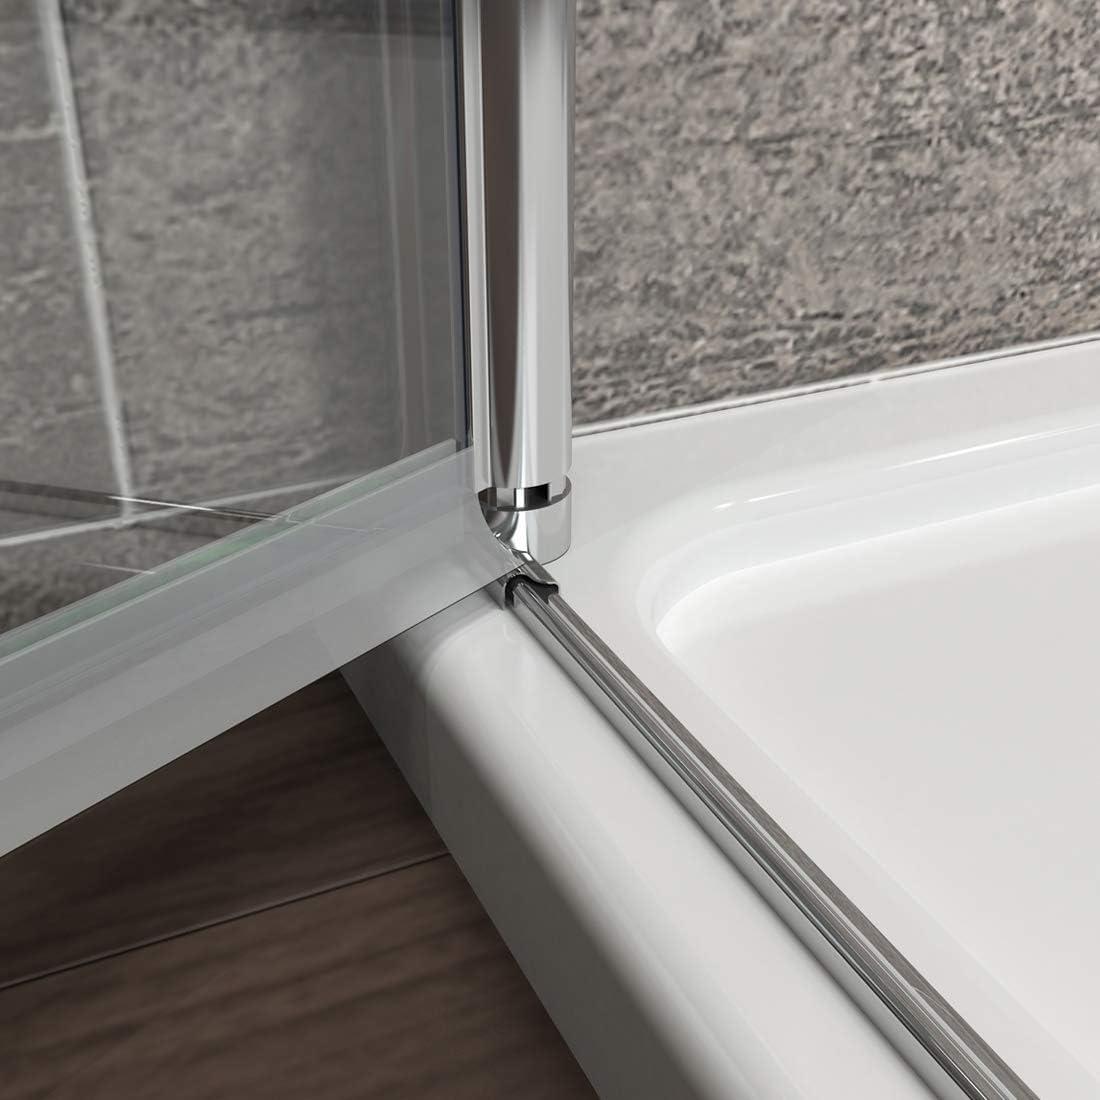 WELMAX Duschkabine 70cm Nische Duschabtrennung Rahmenlos Faltt/ür Duscht/ür 6mm Nano Beschichtung Glas Nischent/ür Dusche H/öhe 195cm